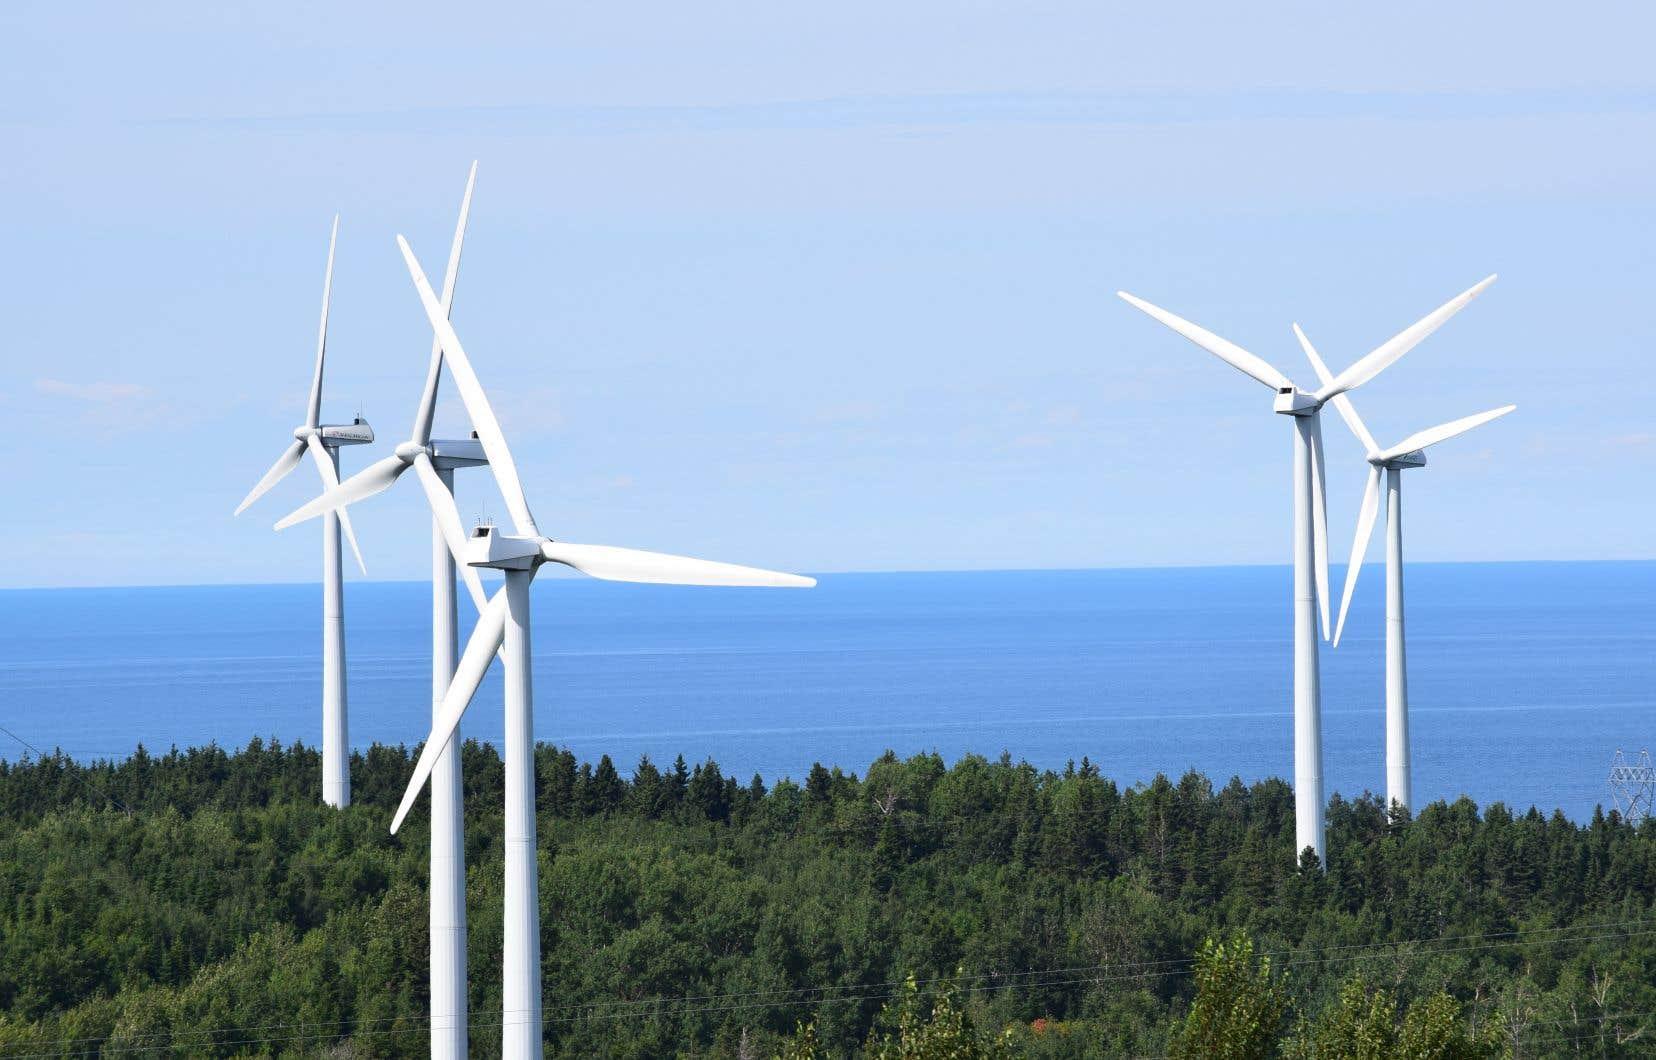 Plus de la moitié des 18milliards ont été investis dans l'électricité renouvelable.